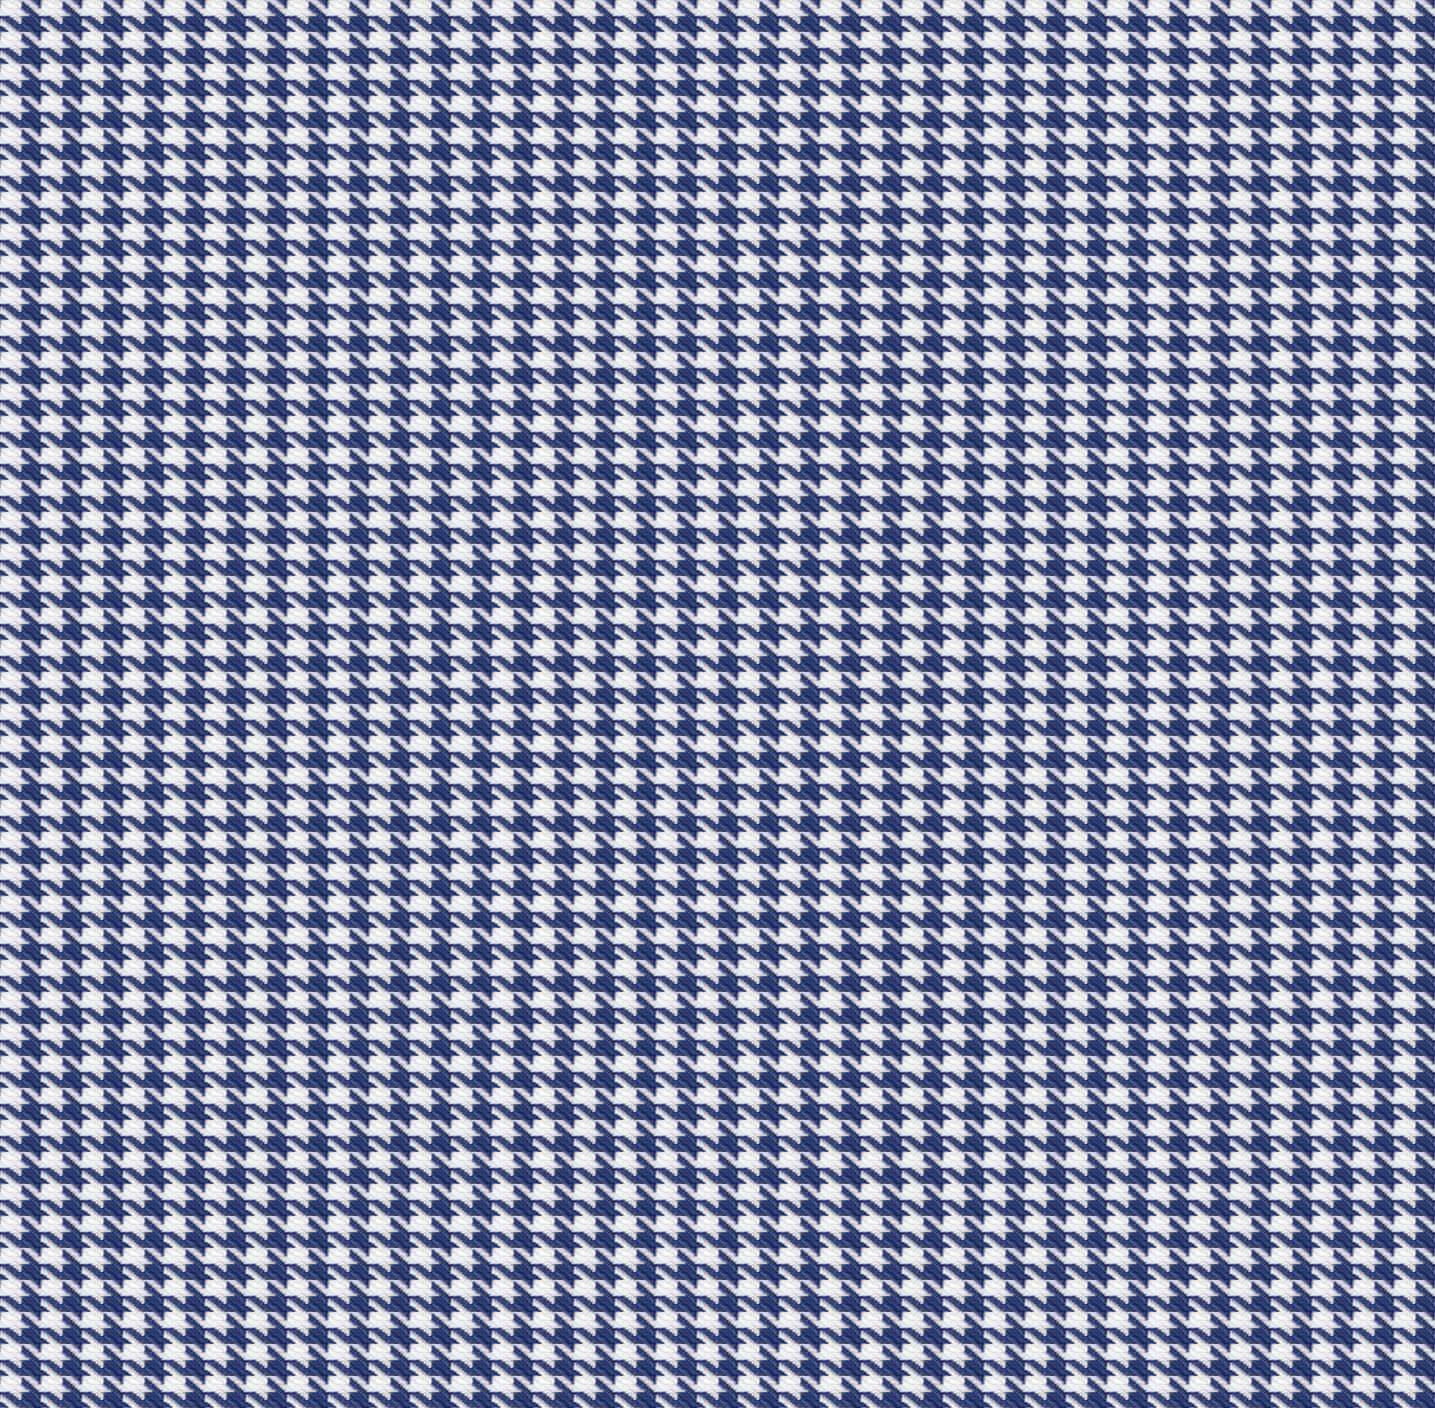 Fabric #3007